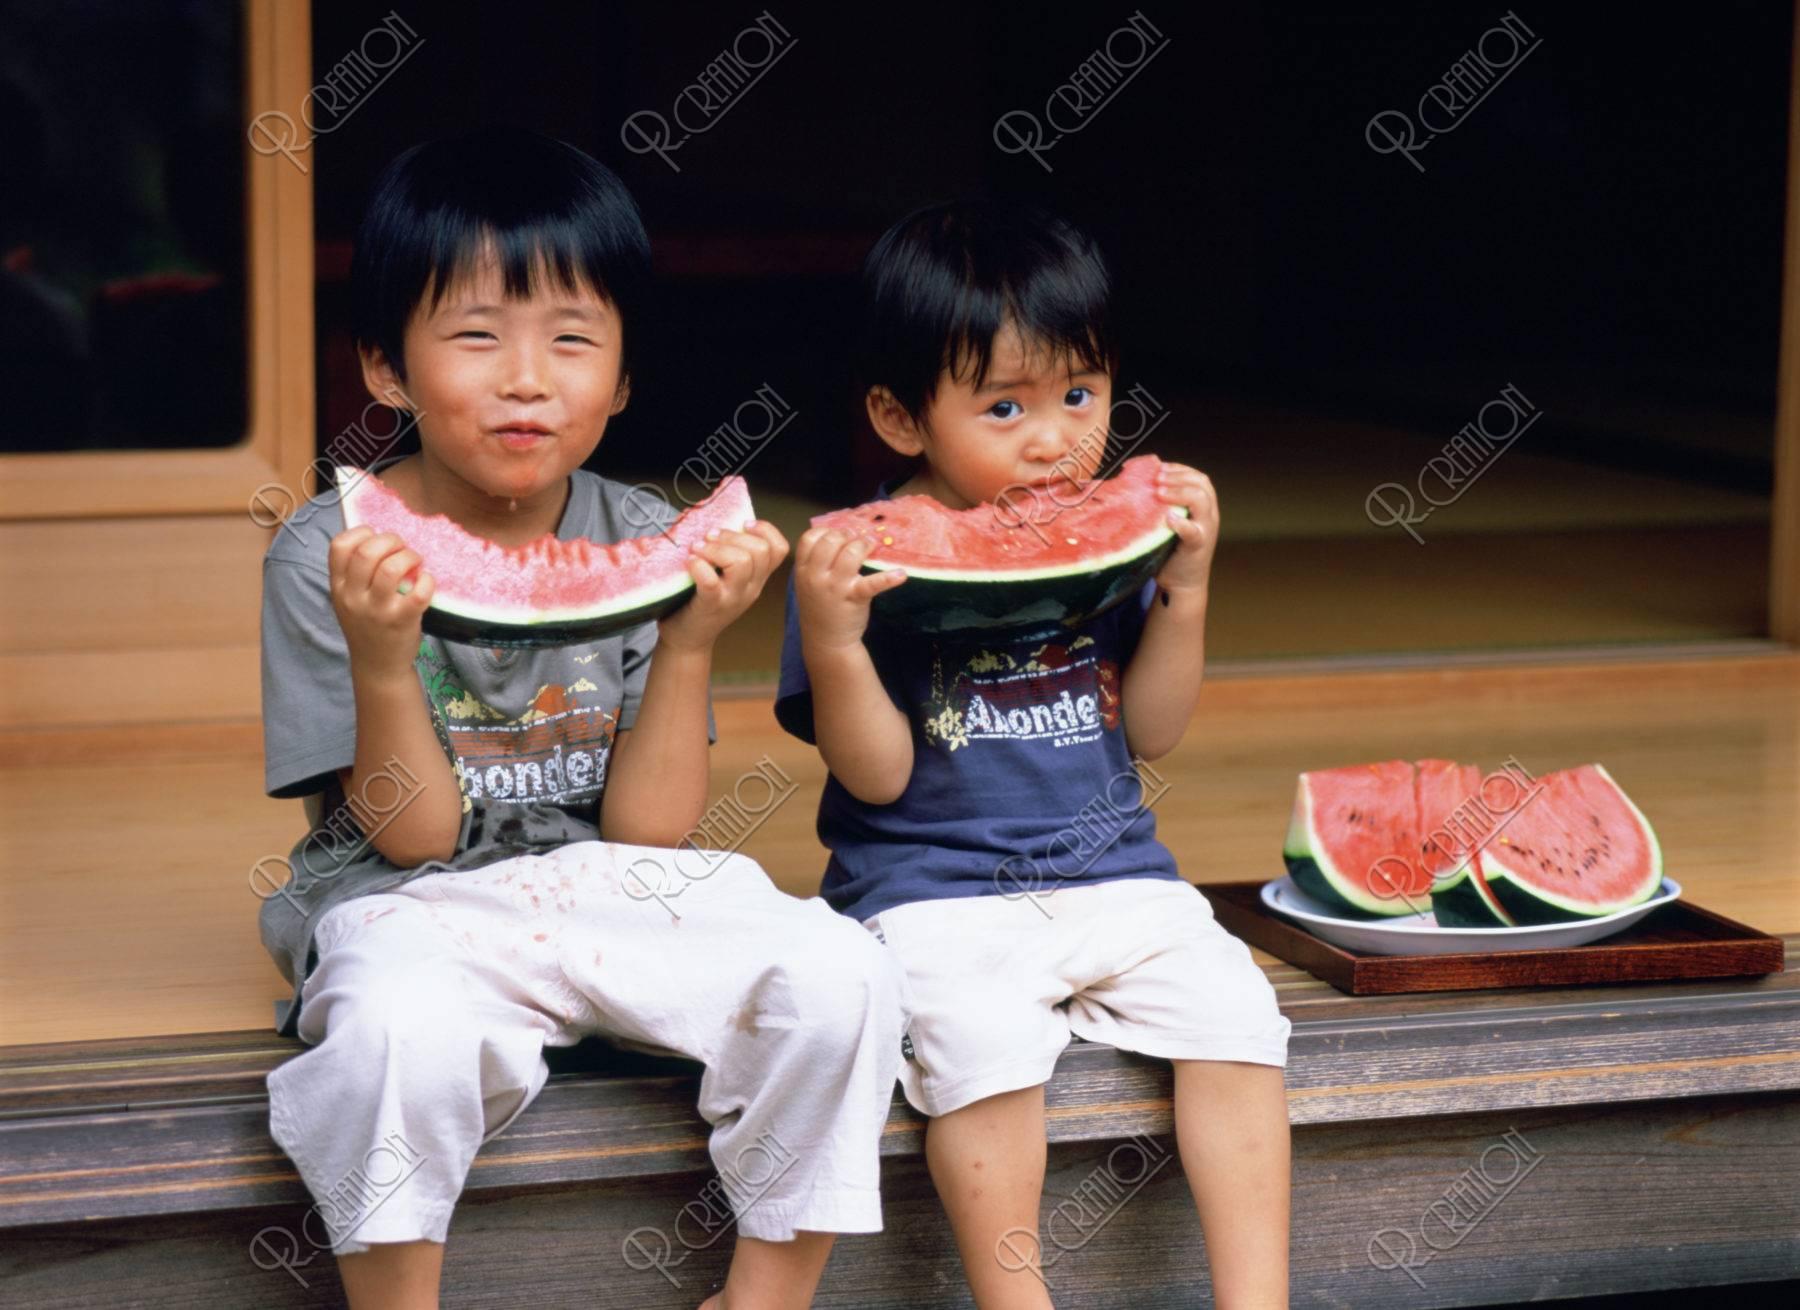 縁側でスイカを食べる兄弟